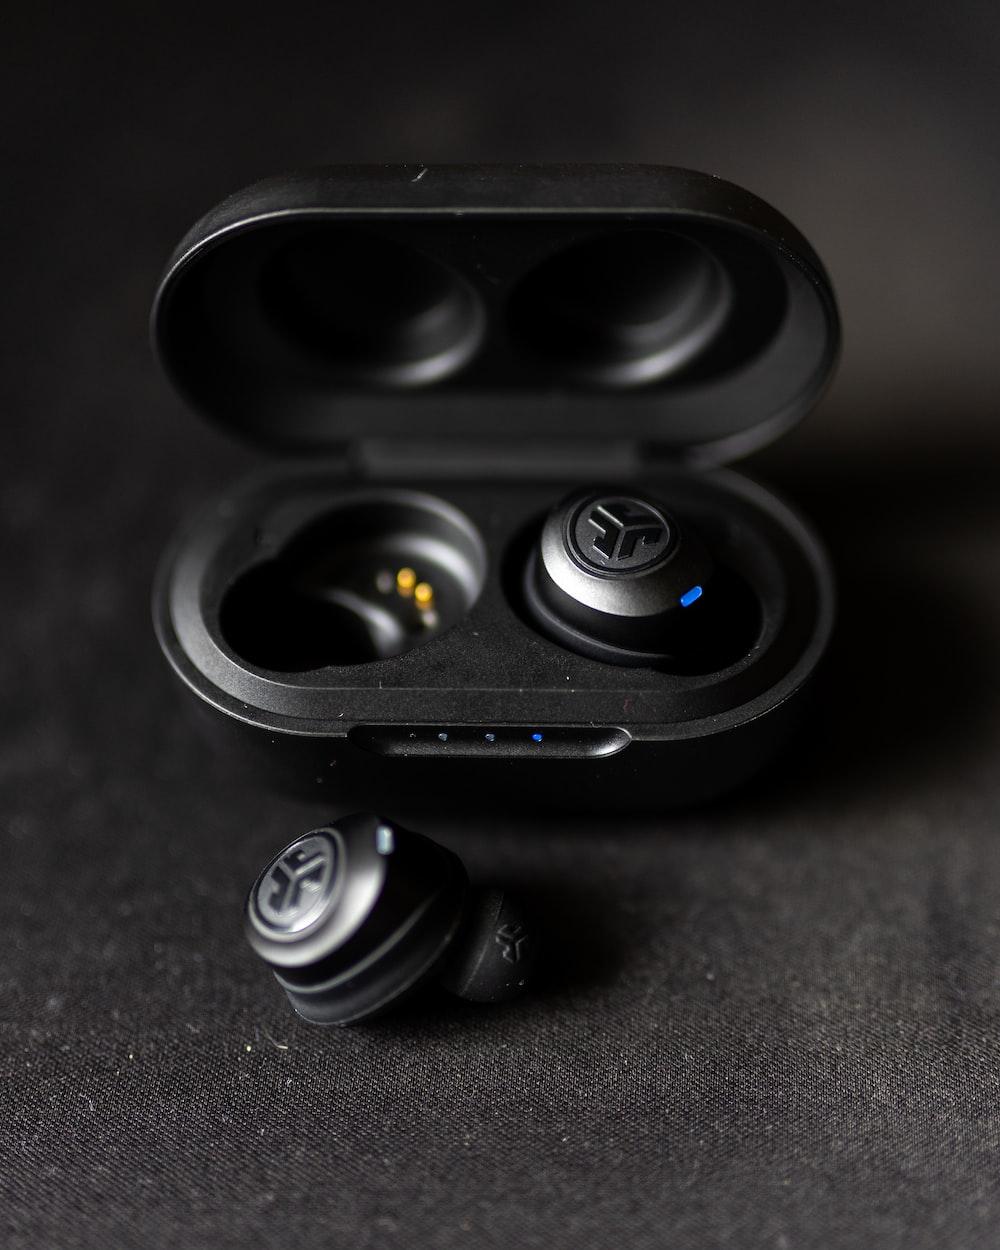 black camera lens on brown textile